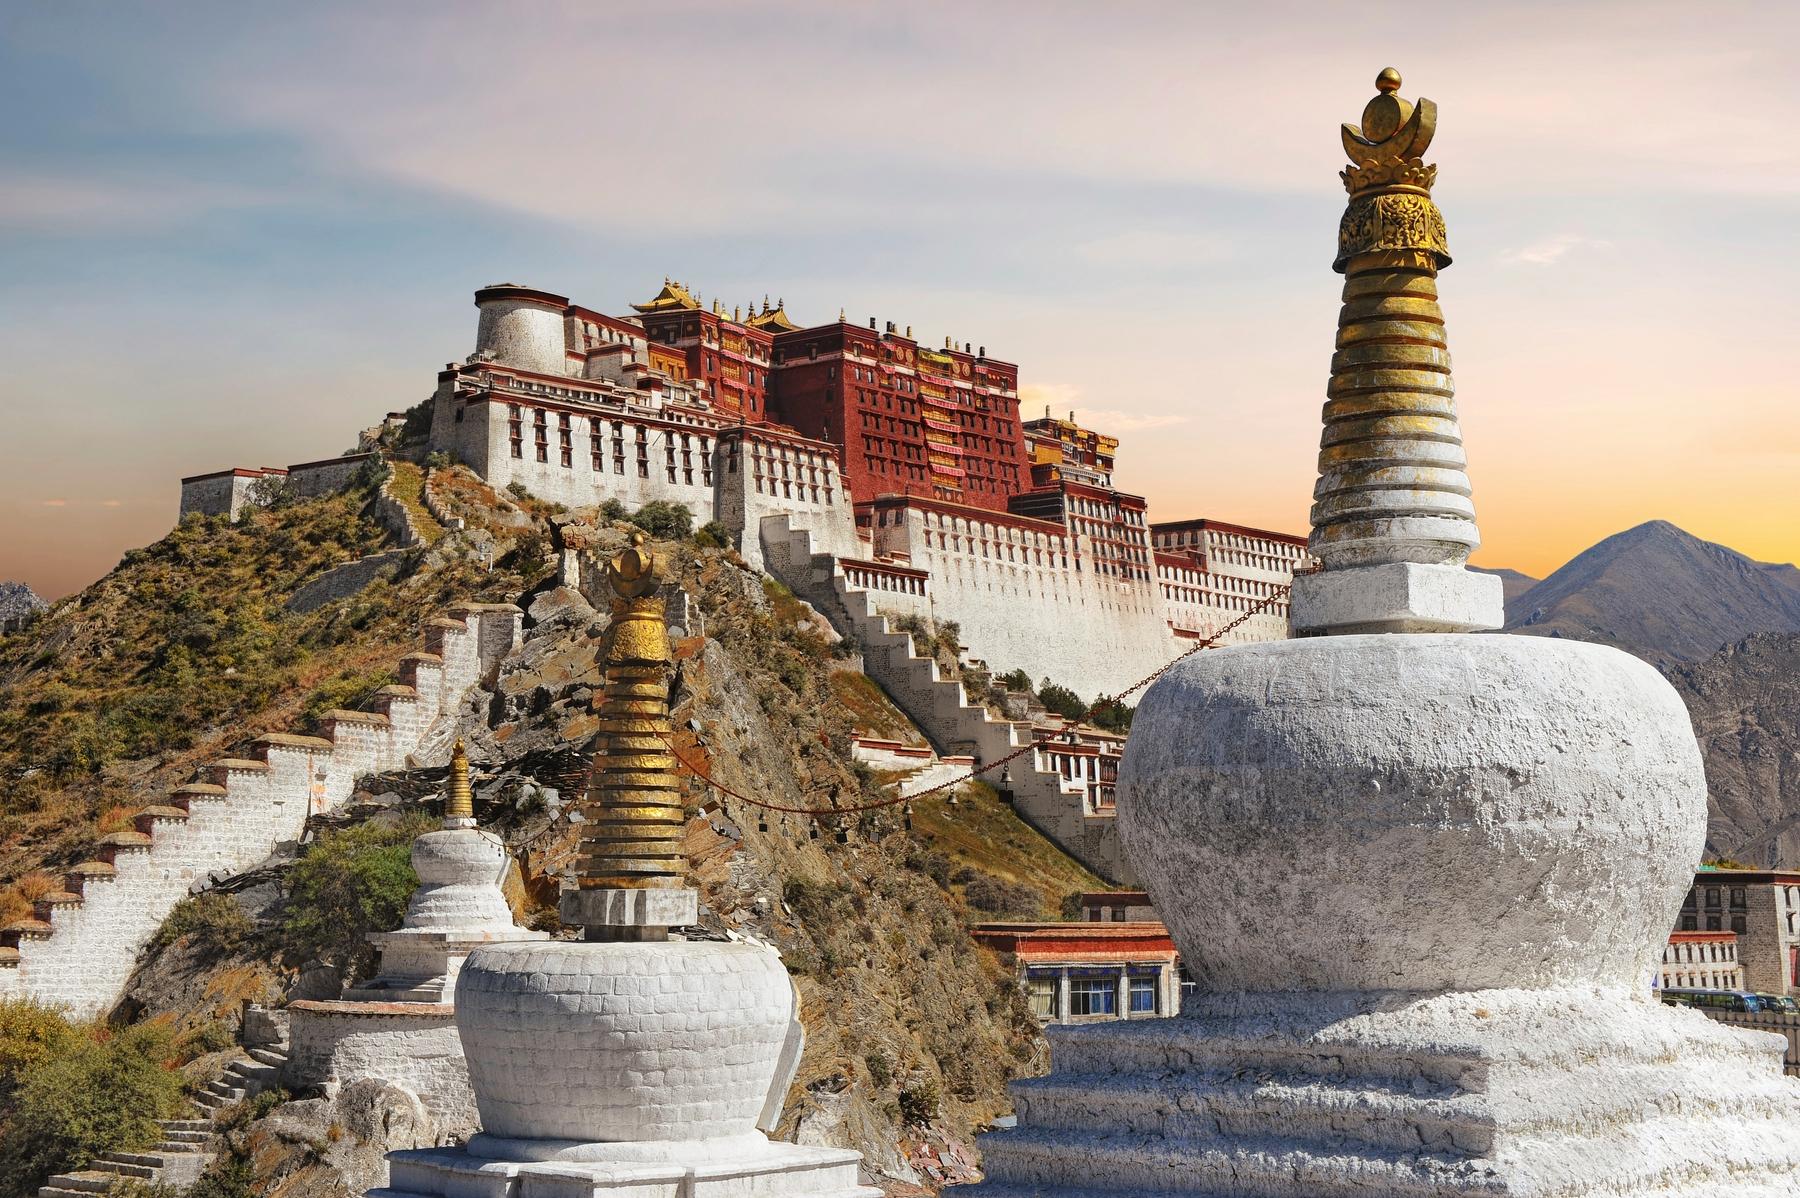 Необычная идея, куда поехать в Азию в первый раз: Лхаса, Тибет